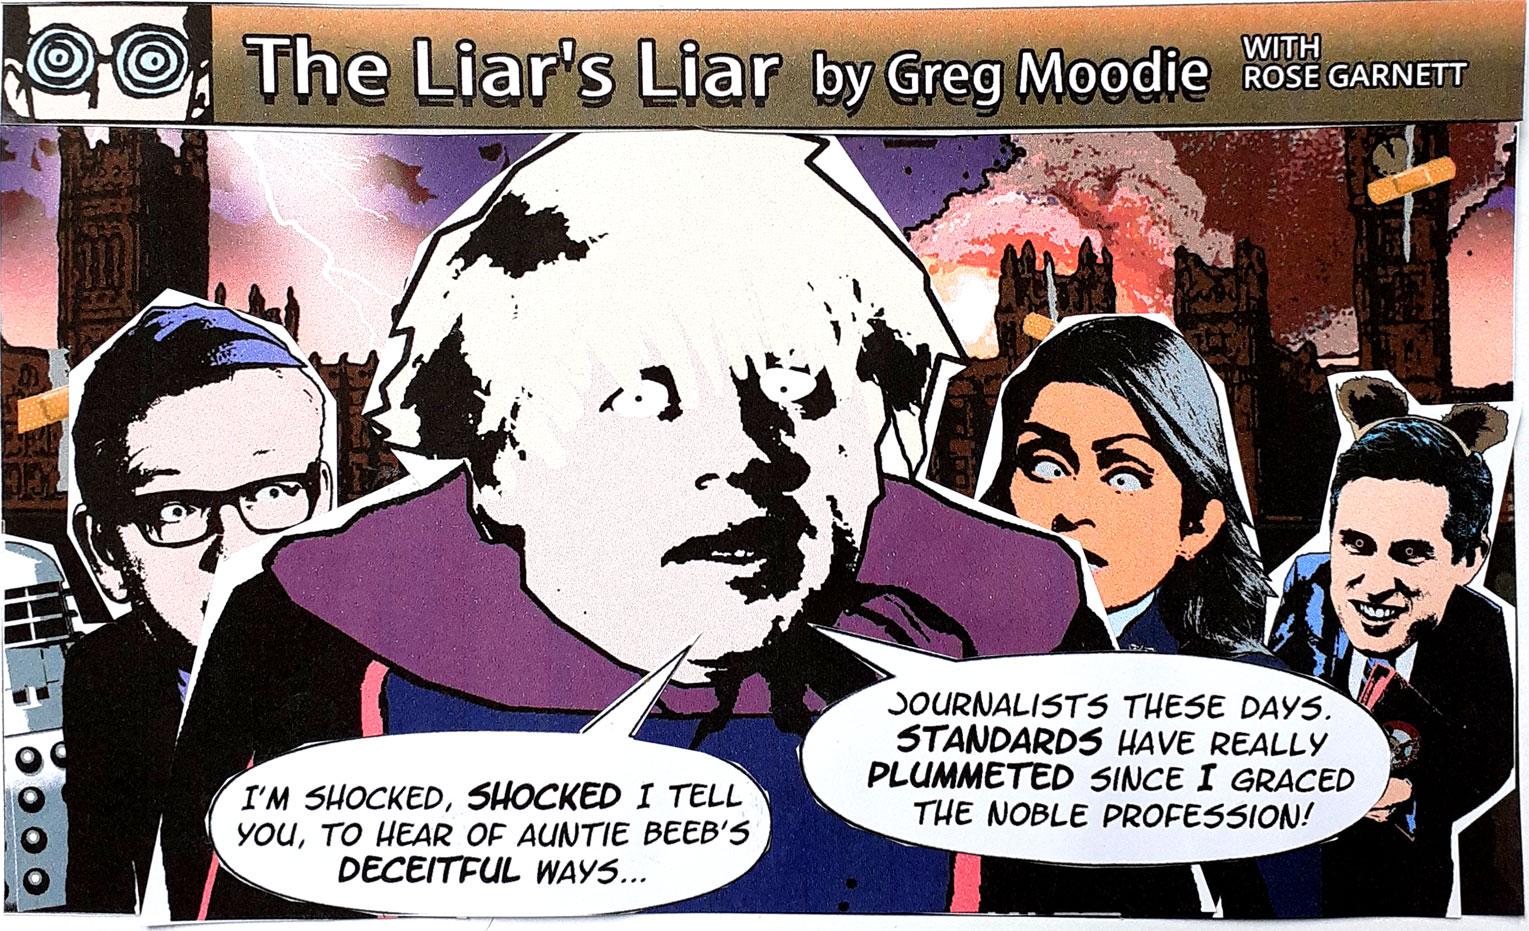 The Liar's Liar